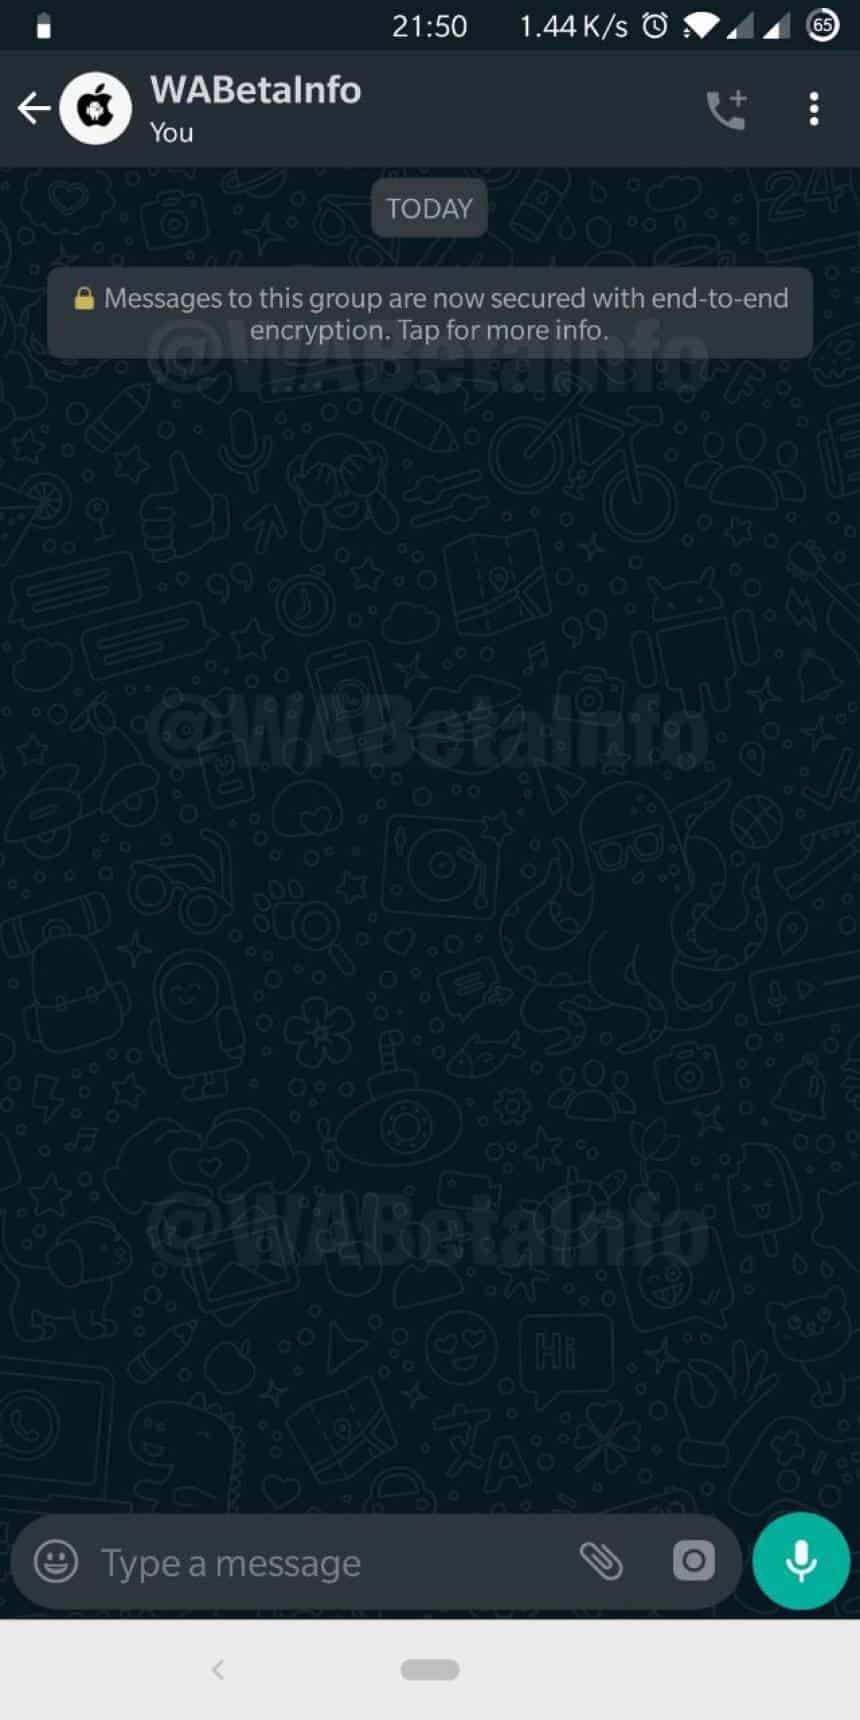 Novo Papel De Parede Do Whatsapp Indica Que O Modo Escuro Esta Por Vir